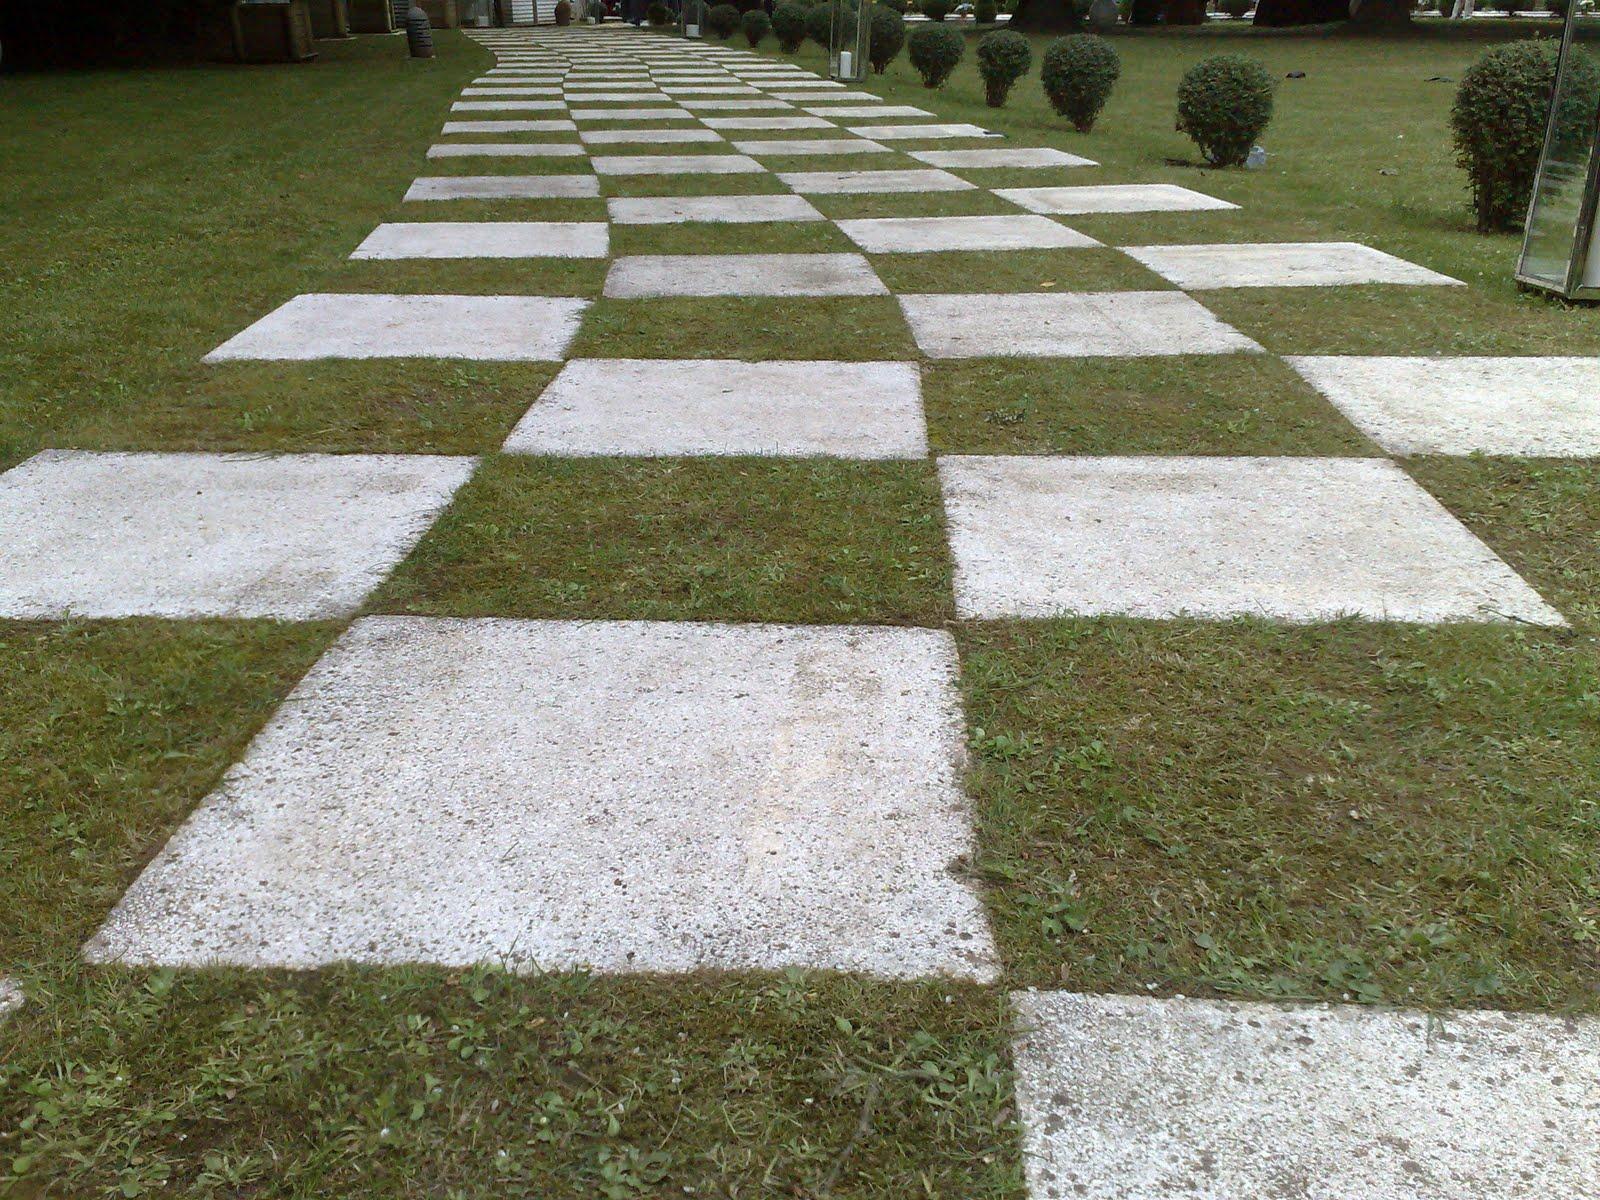 camino de cuadrados blancos y negros